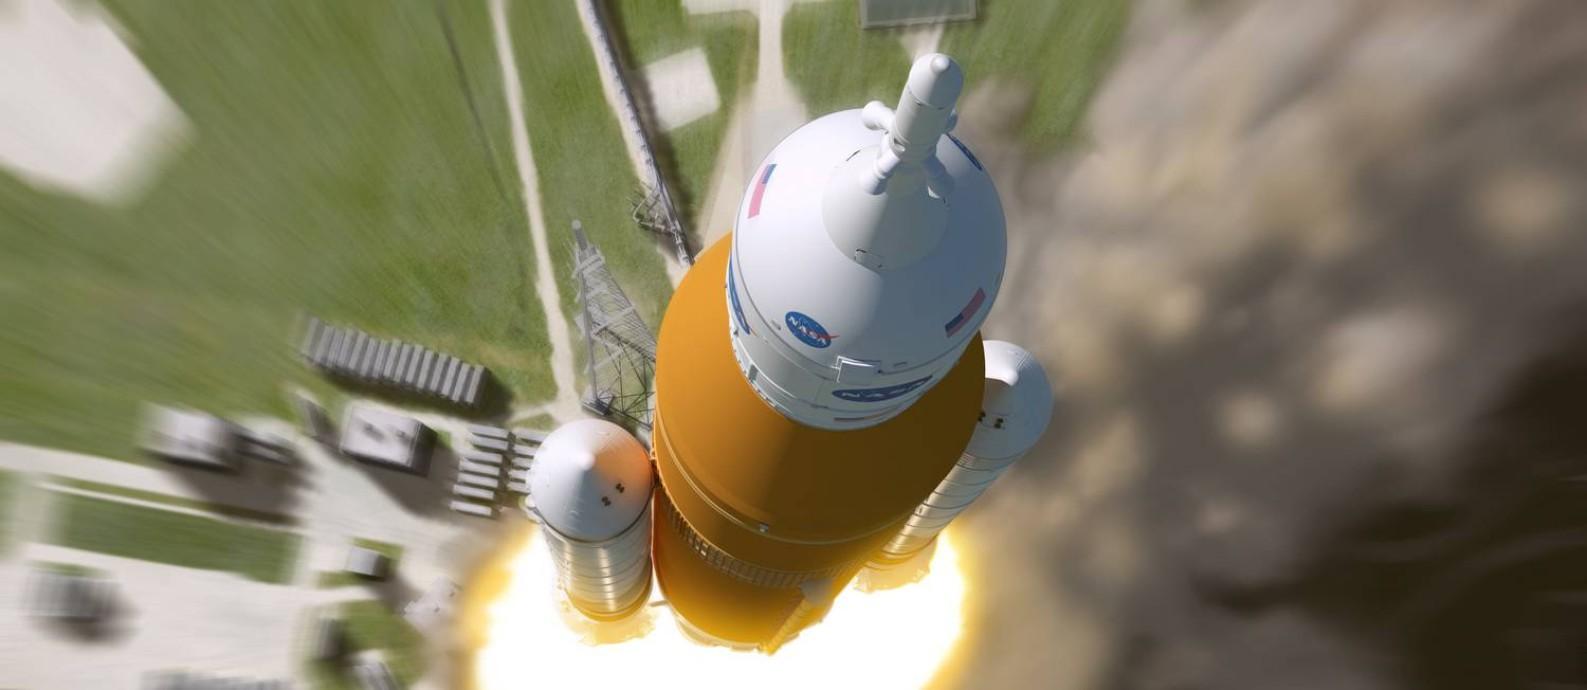 Ilustração do lançamento do superfoguete SLS, com a cápsula Órion no topo: Nasa pretende usar sistema para voltar à Lua e seguir para Marte Foto: / Nasa